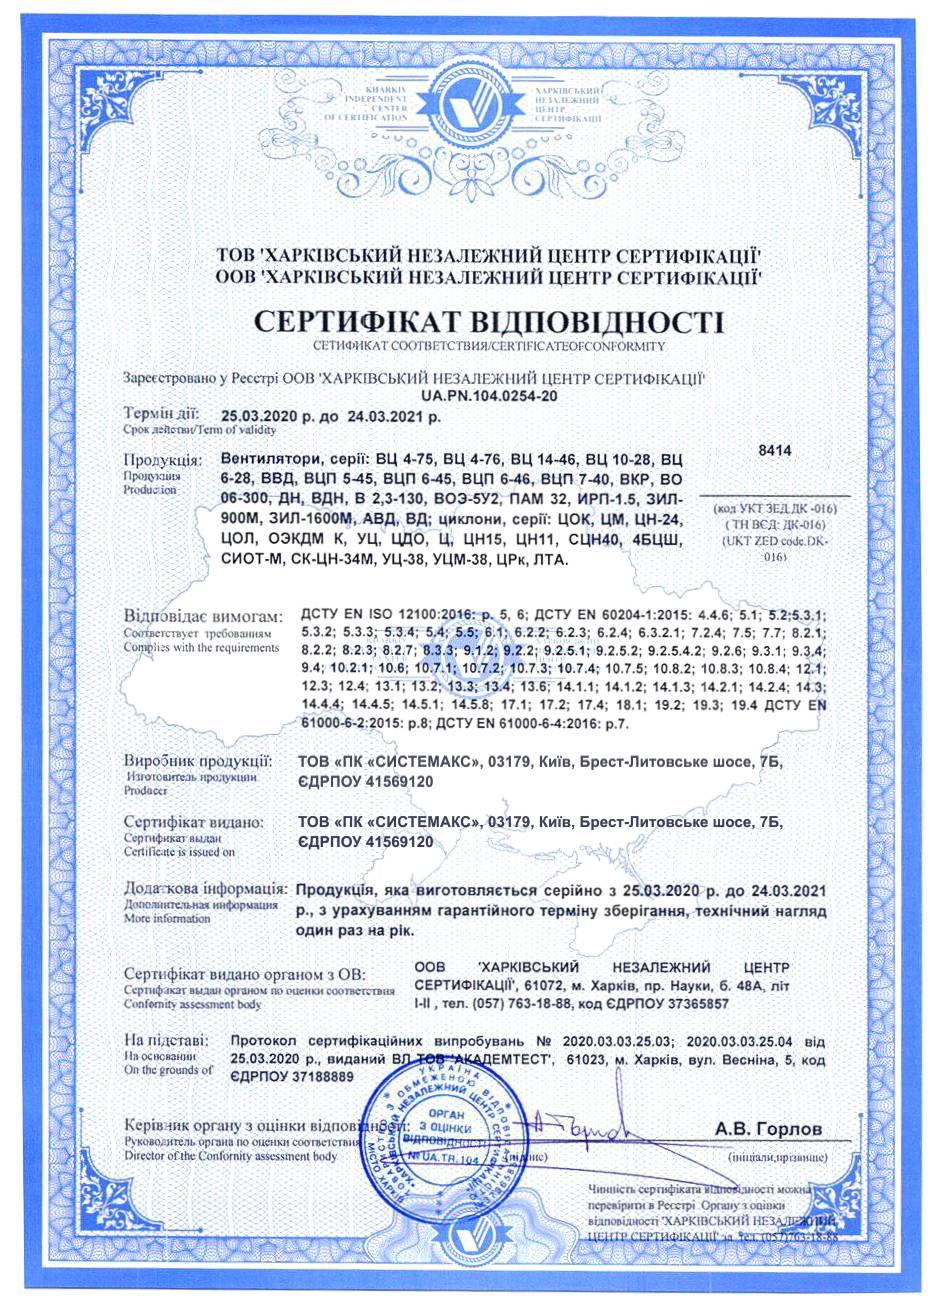 Сертификат соответствия на промышленные вентиляторы и циклоны завода ПК СИСТЕМАКС